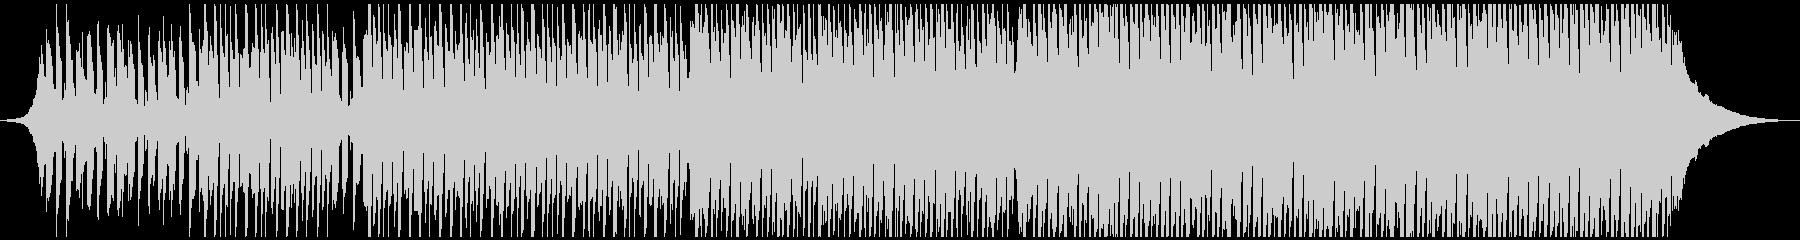 ポップコーポレート(中)の未再生の波形